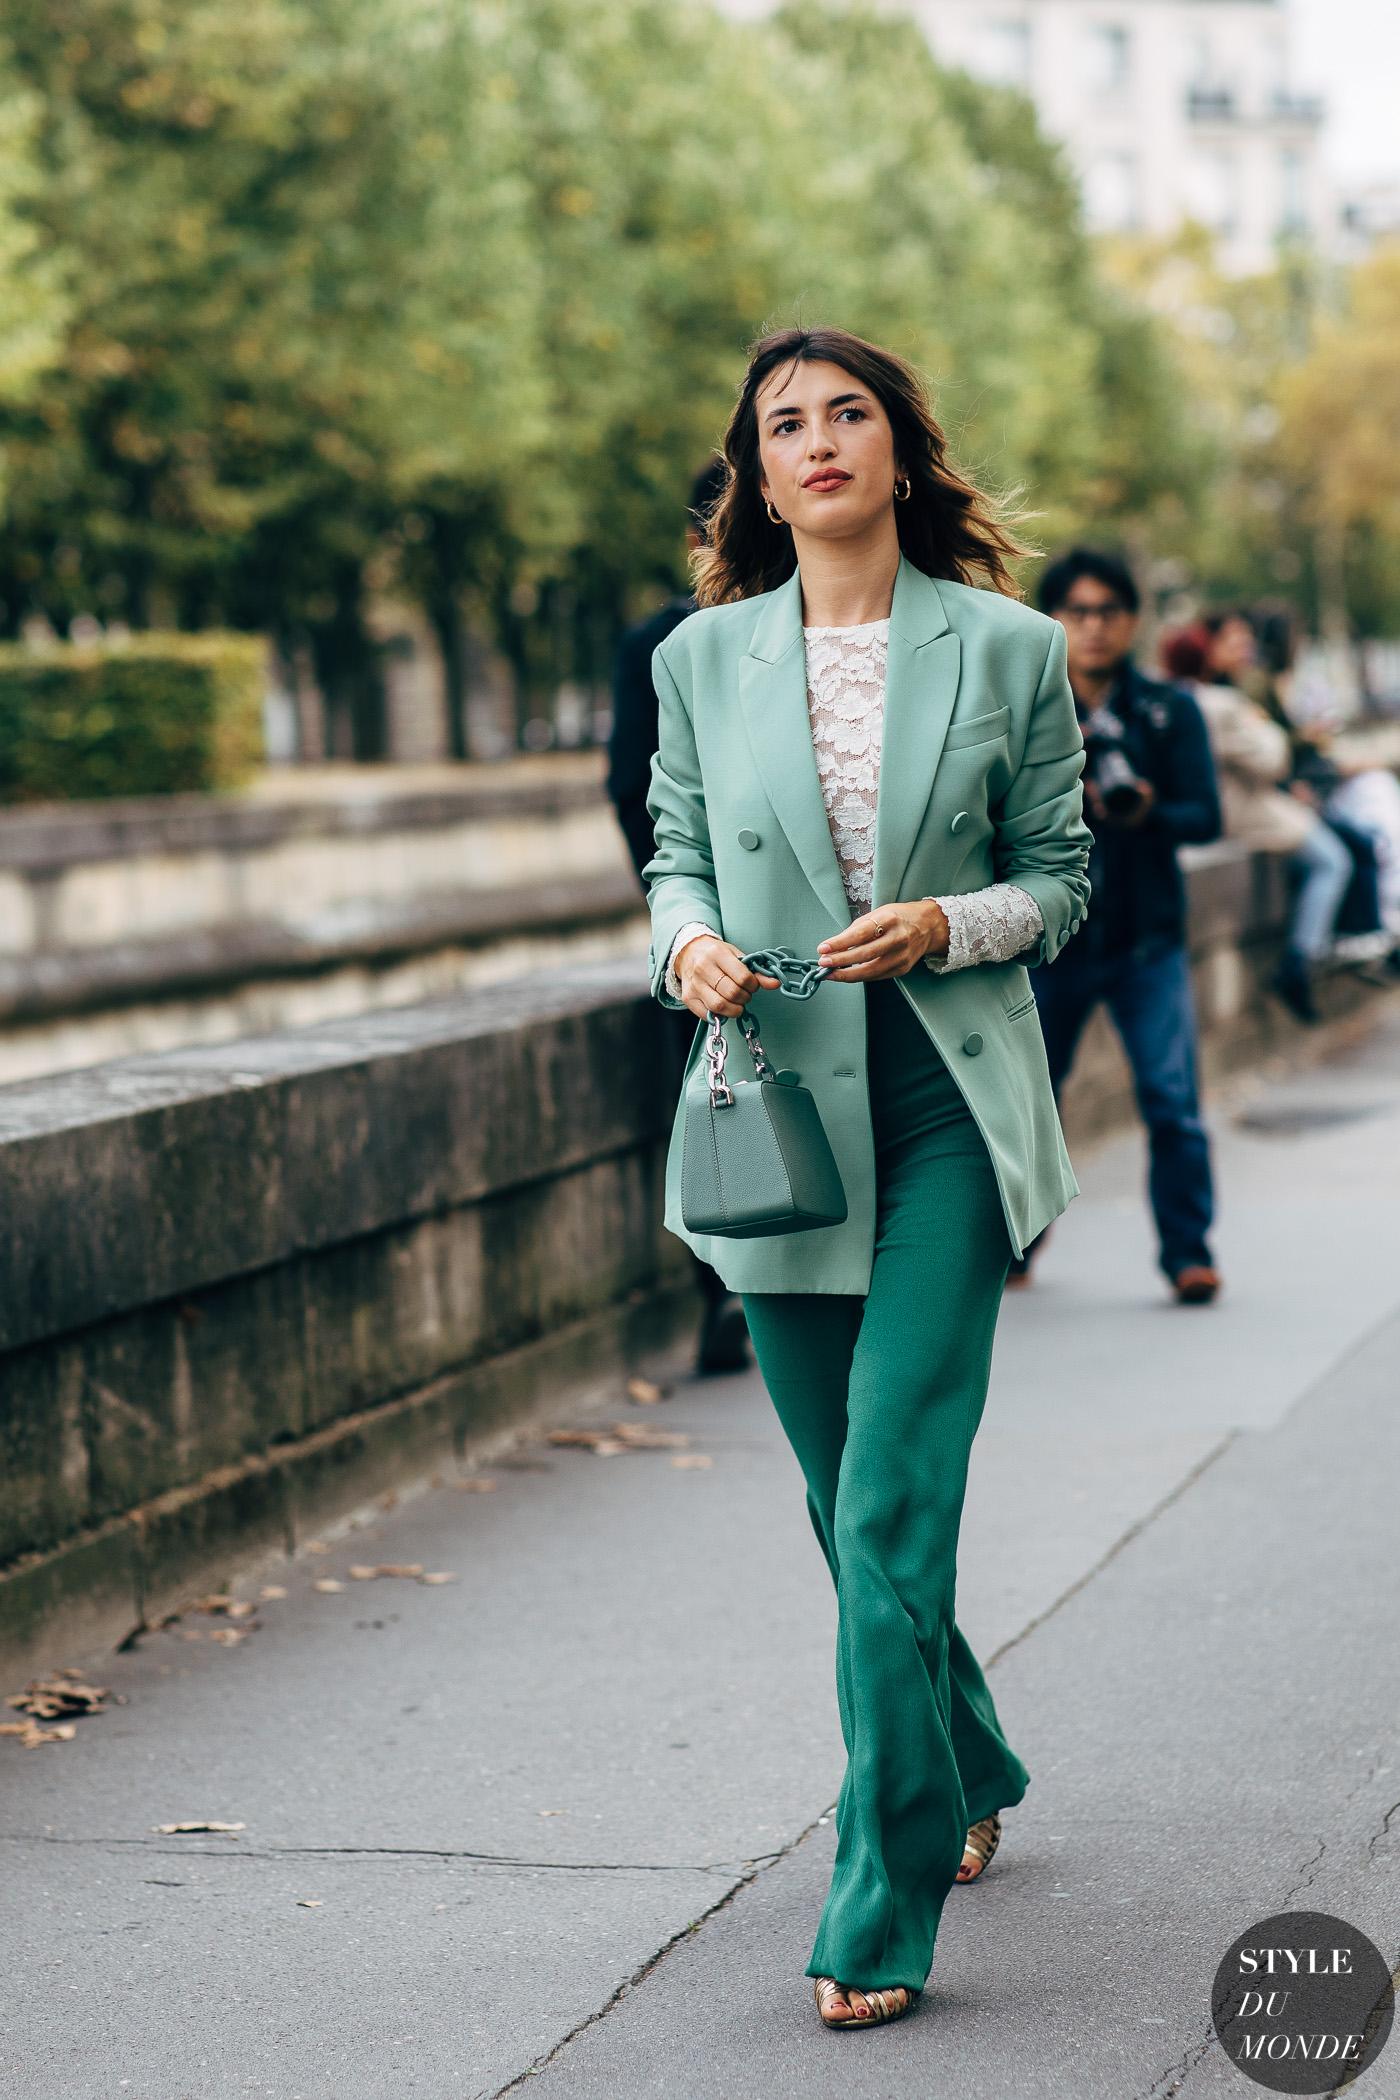 Jeanne Damas diện âu phục xanh mòng két và túi xách hình học cùng tông màu tại Tuần lễ Thời trang Paris Xuân - Hè 2019